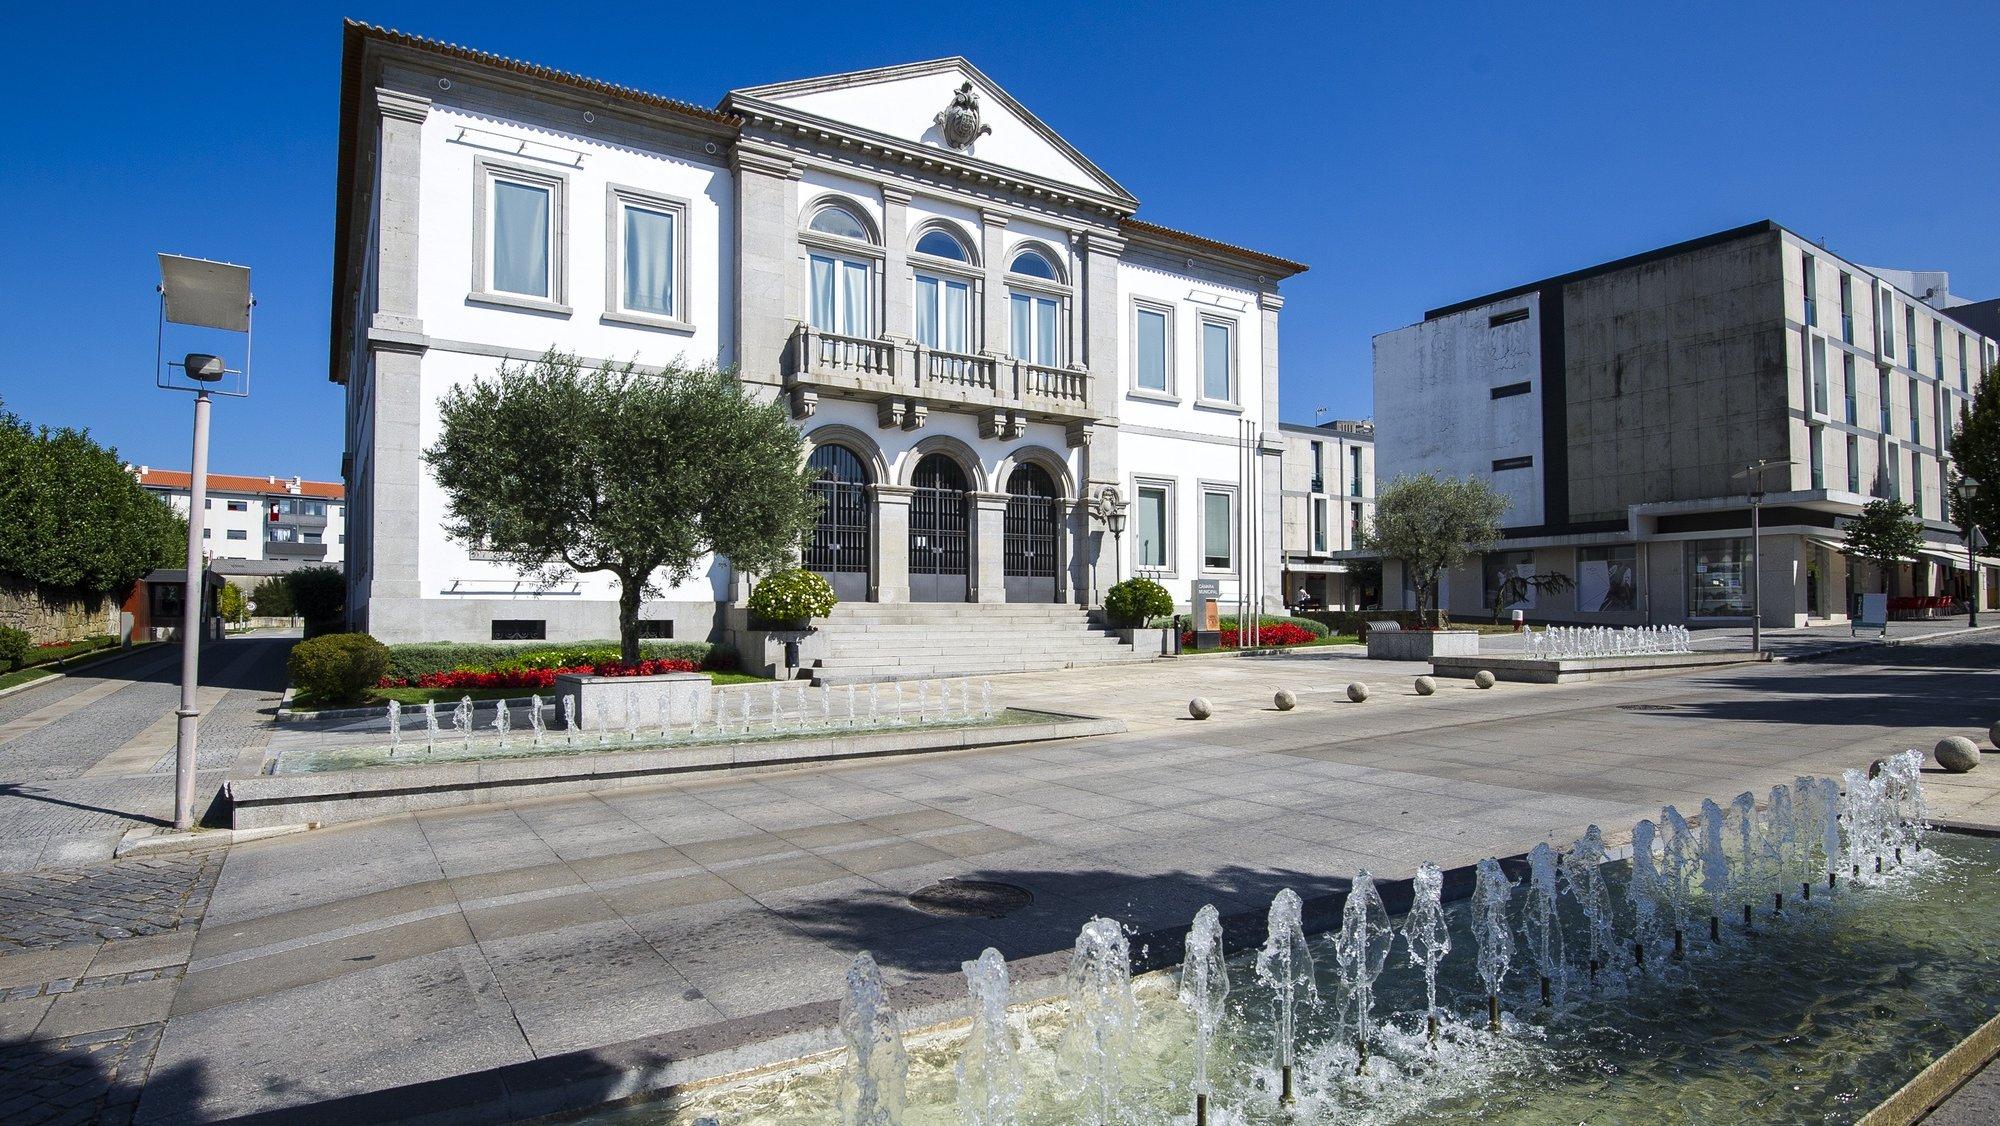 Edifício da Câmara Municipal de Fafe, 01 de setembro de 2017. OCTÁVIO PASSOS/LUSA